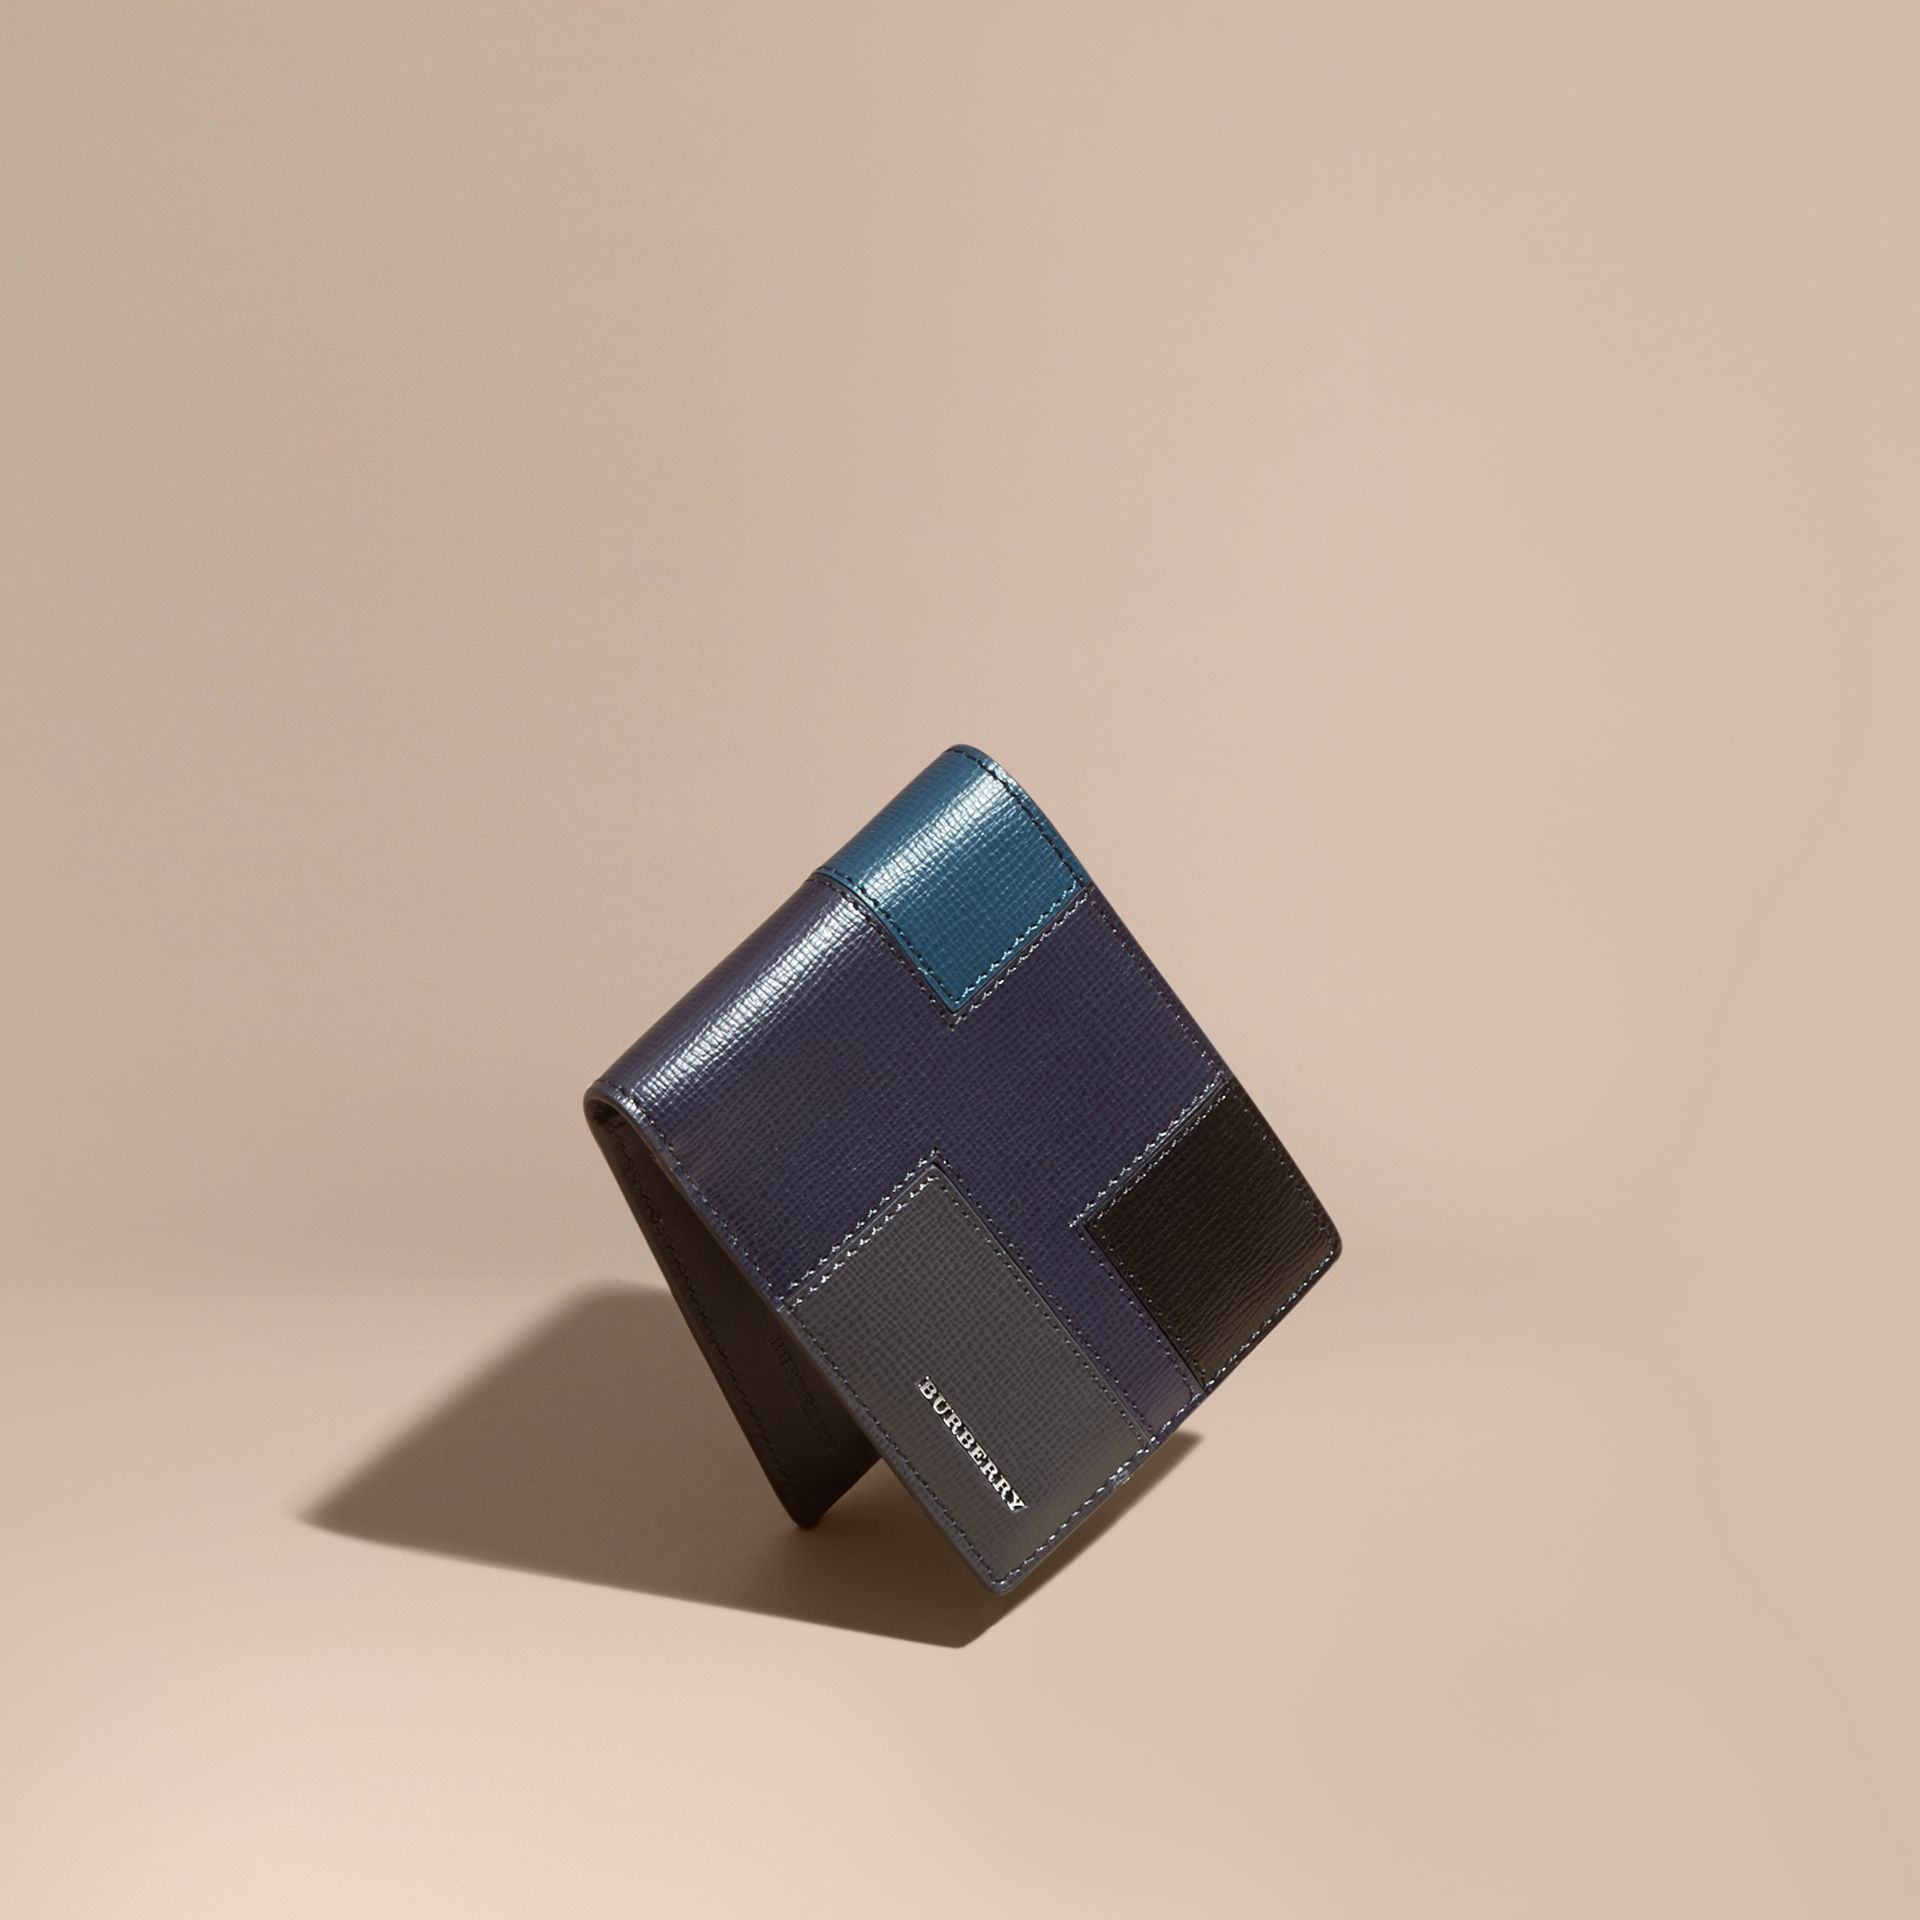 Navy scuro Portafoglio a libro in pelle London a blocchi di colore Navy Scuro - immagine della galleria 1